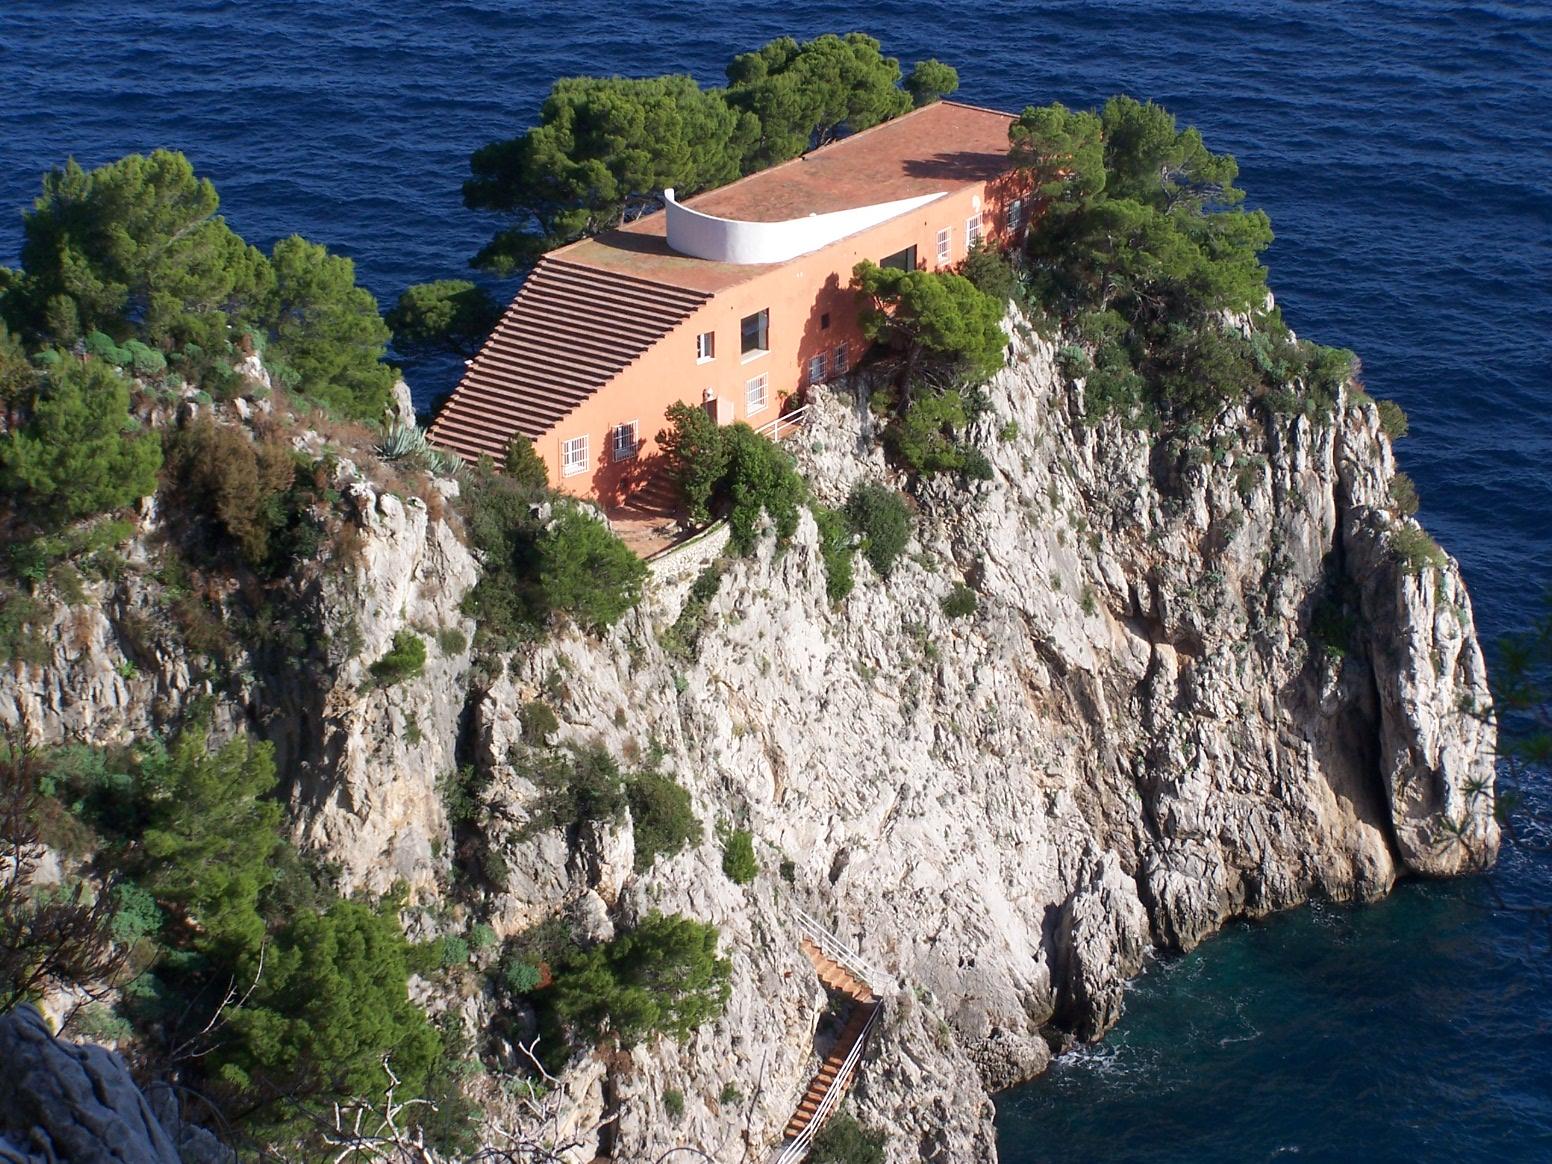 La villa malaparte marion moissinac for Villa curzio malaparte